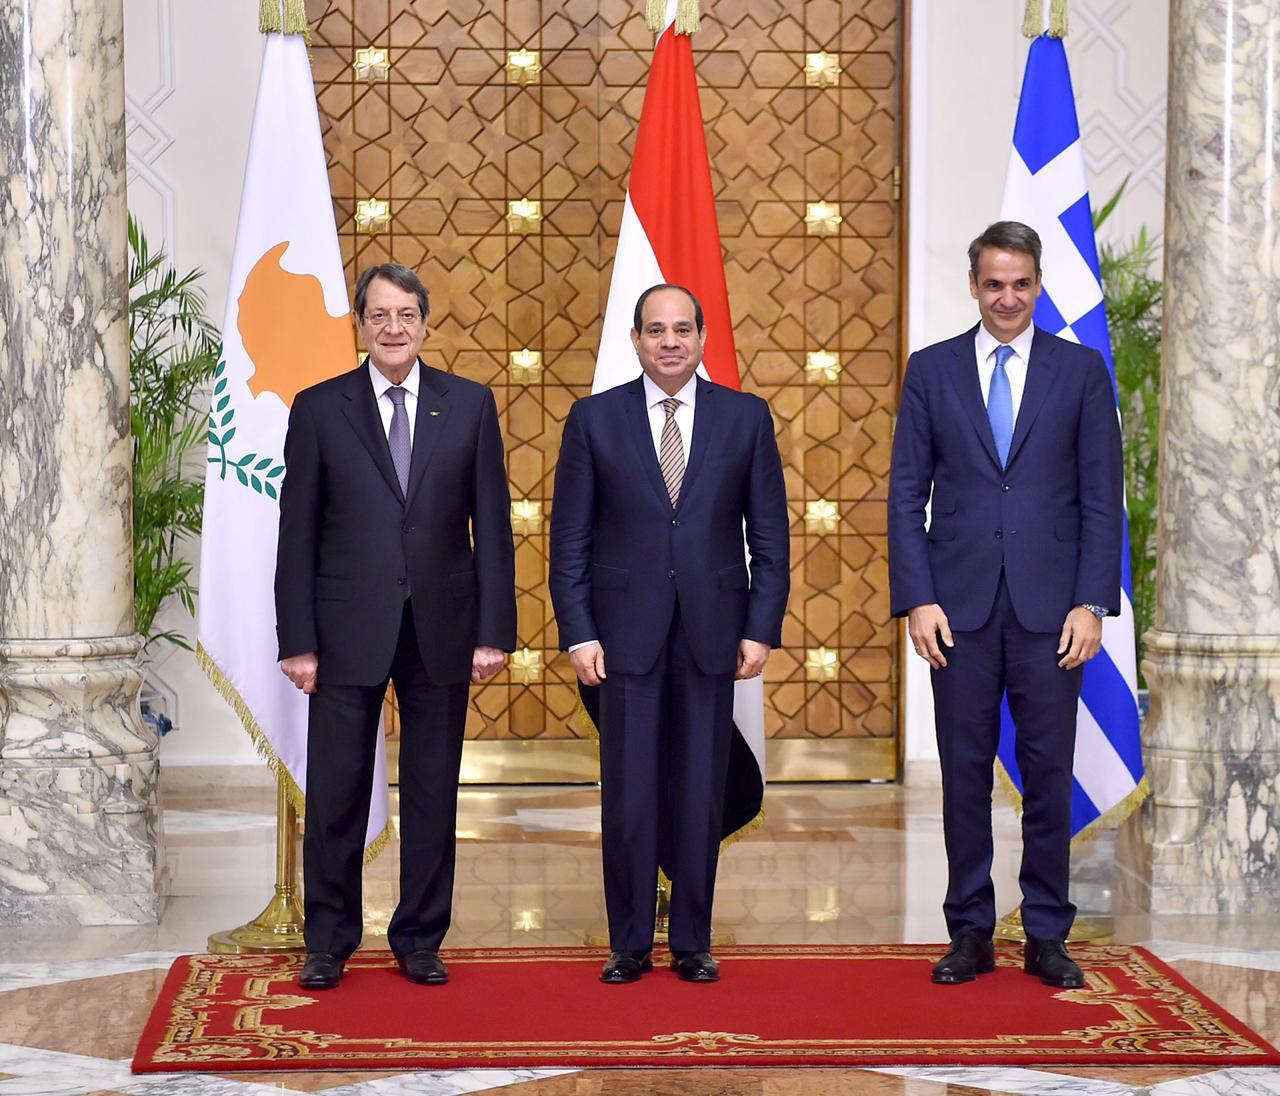 الرئيس السيسي يتوسط رئيس وزراء اليونان ورئيس قبرص